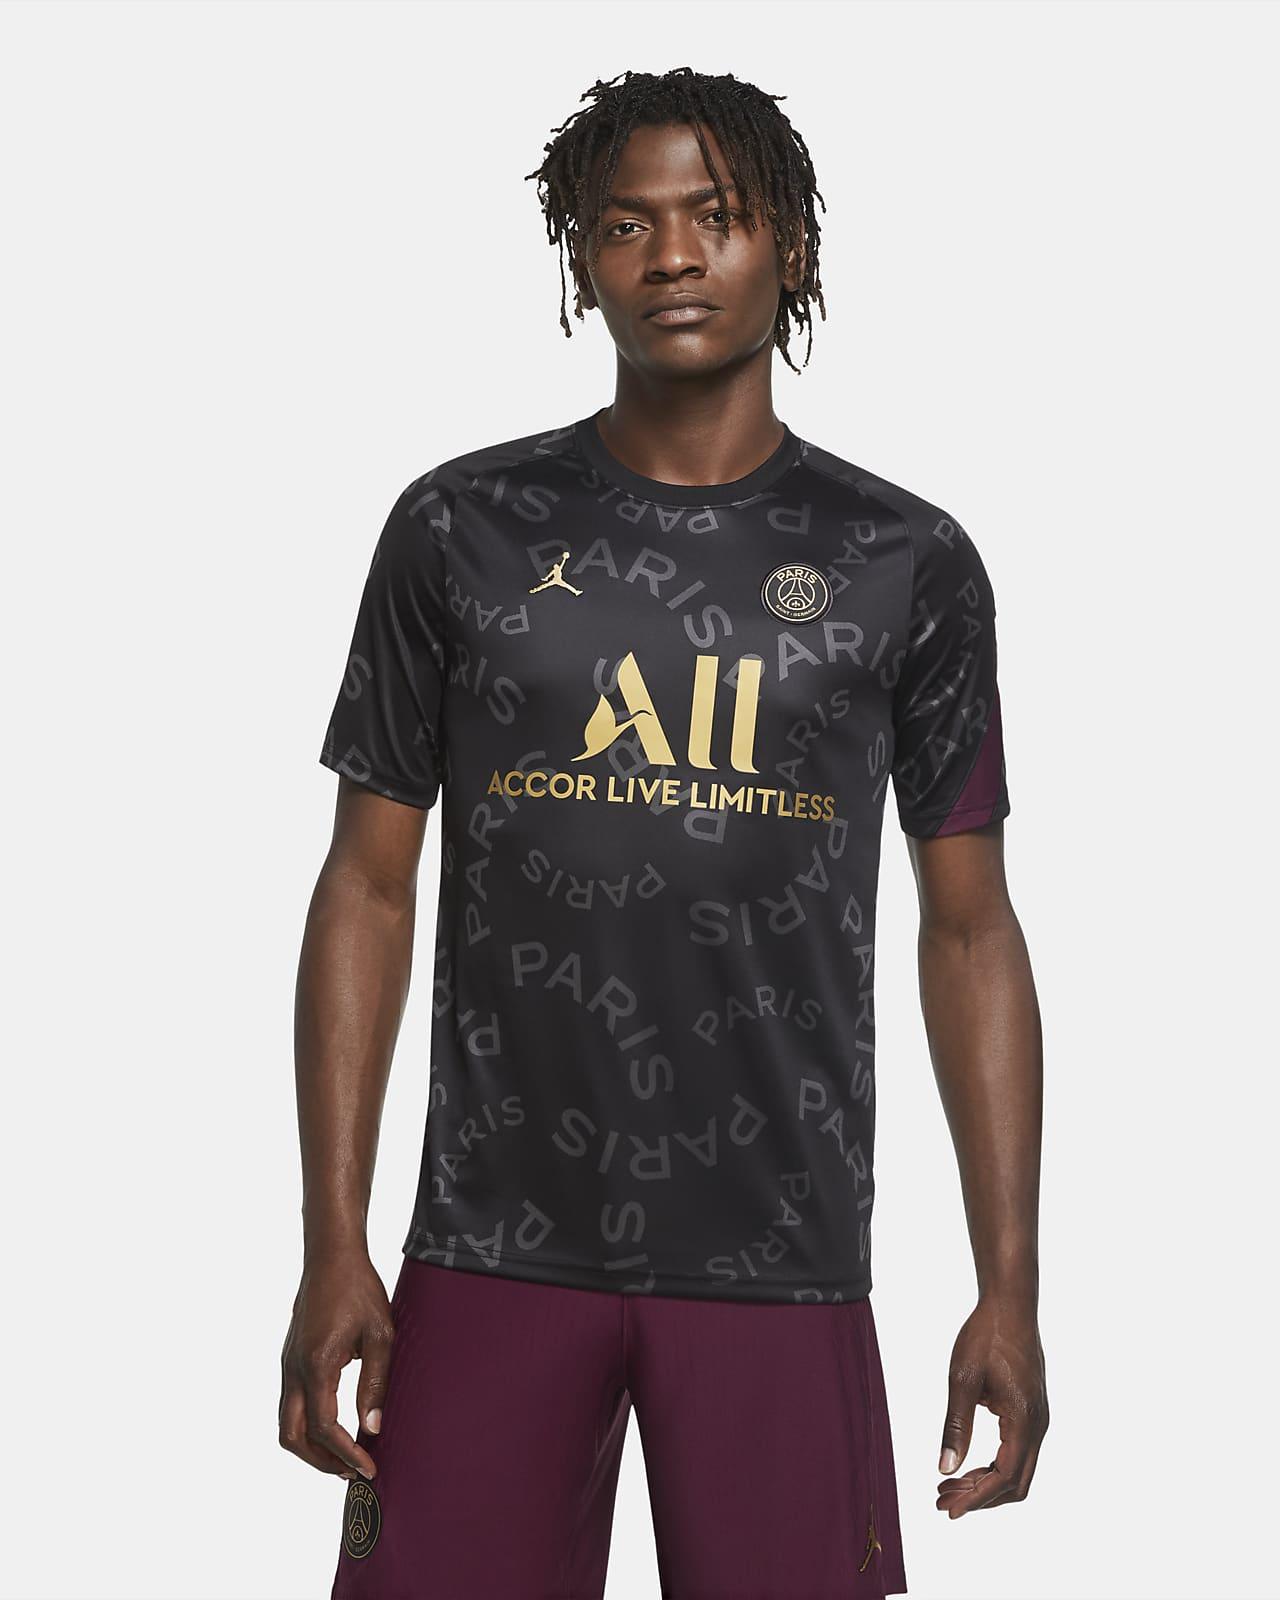 เสื้อฟุตบอลแขนสั้นก่อนลงแข่งผู้ชาย Paris Saint-Germain